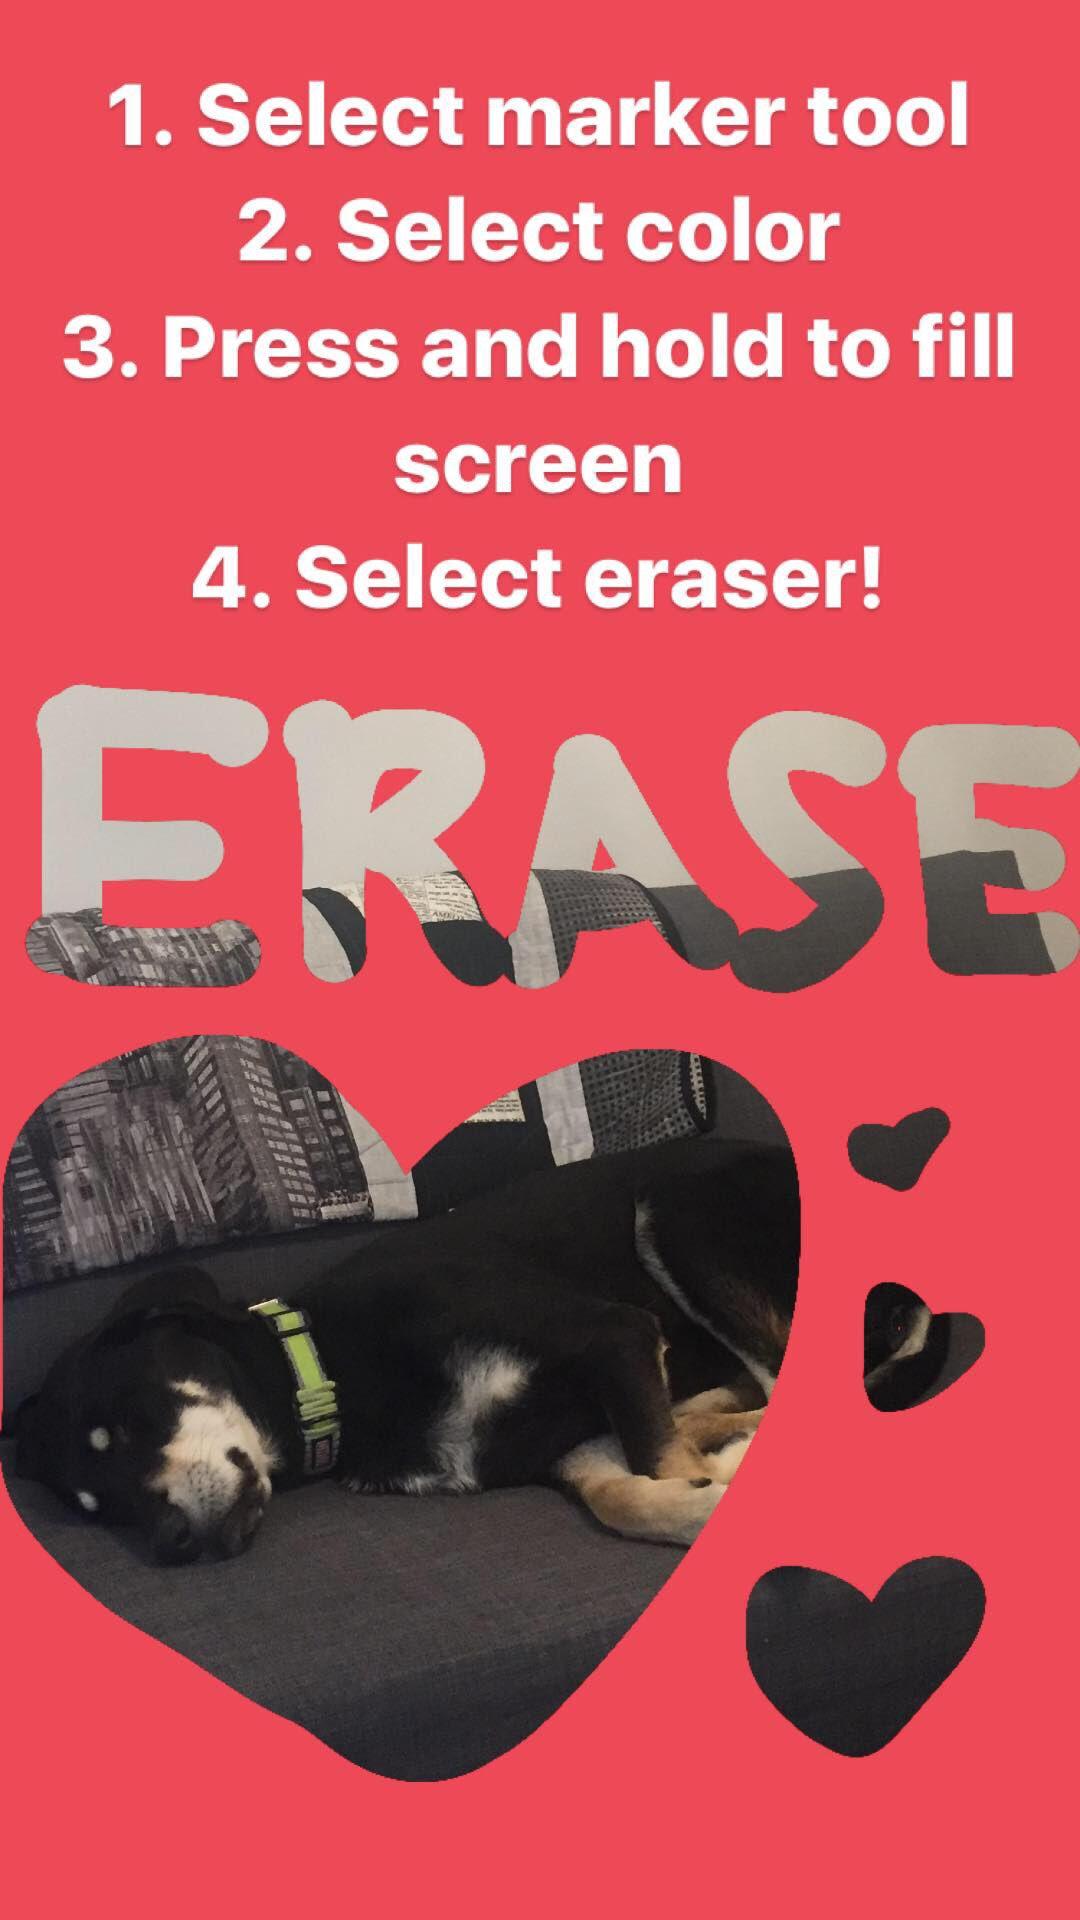 Erase.jpg